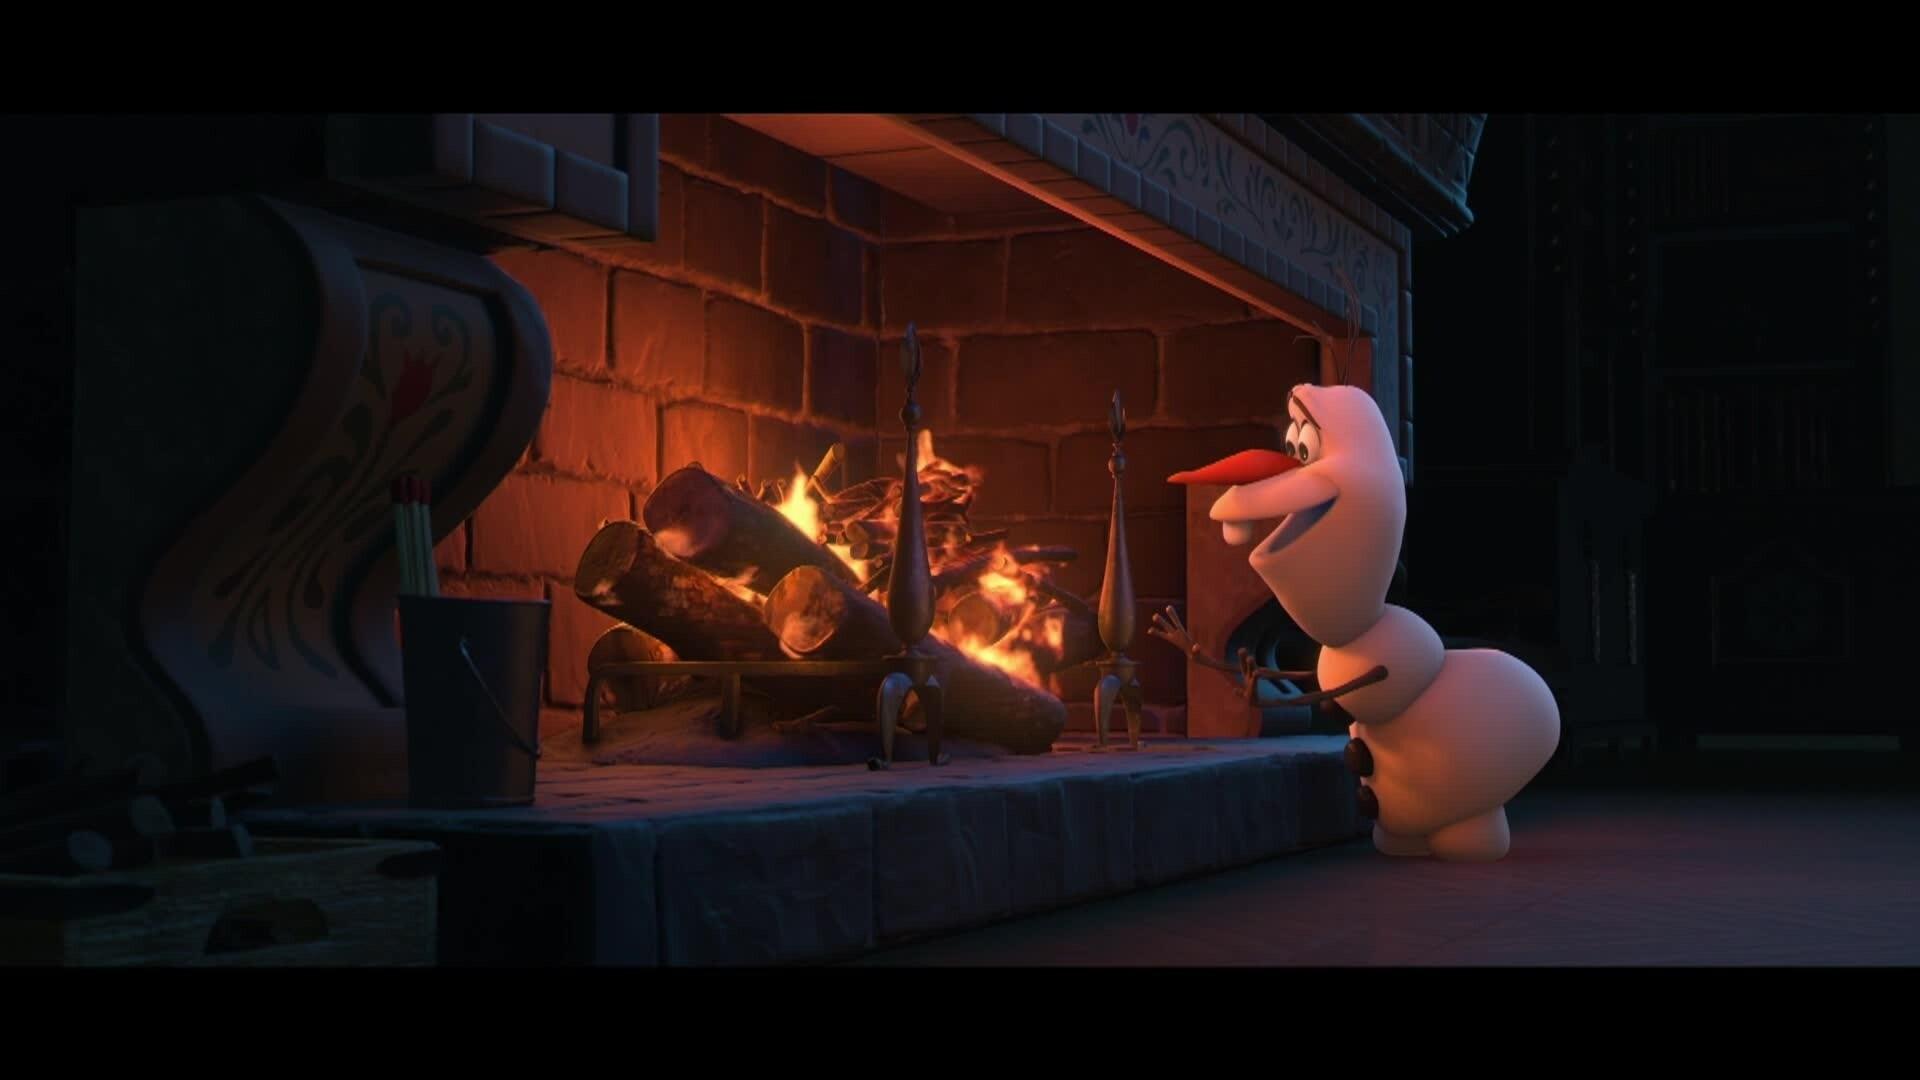 Las Cosas de Olaf: Entender las relaciones